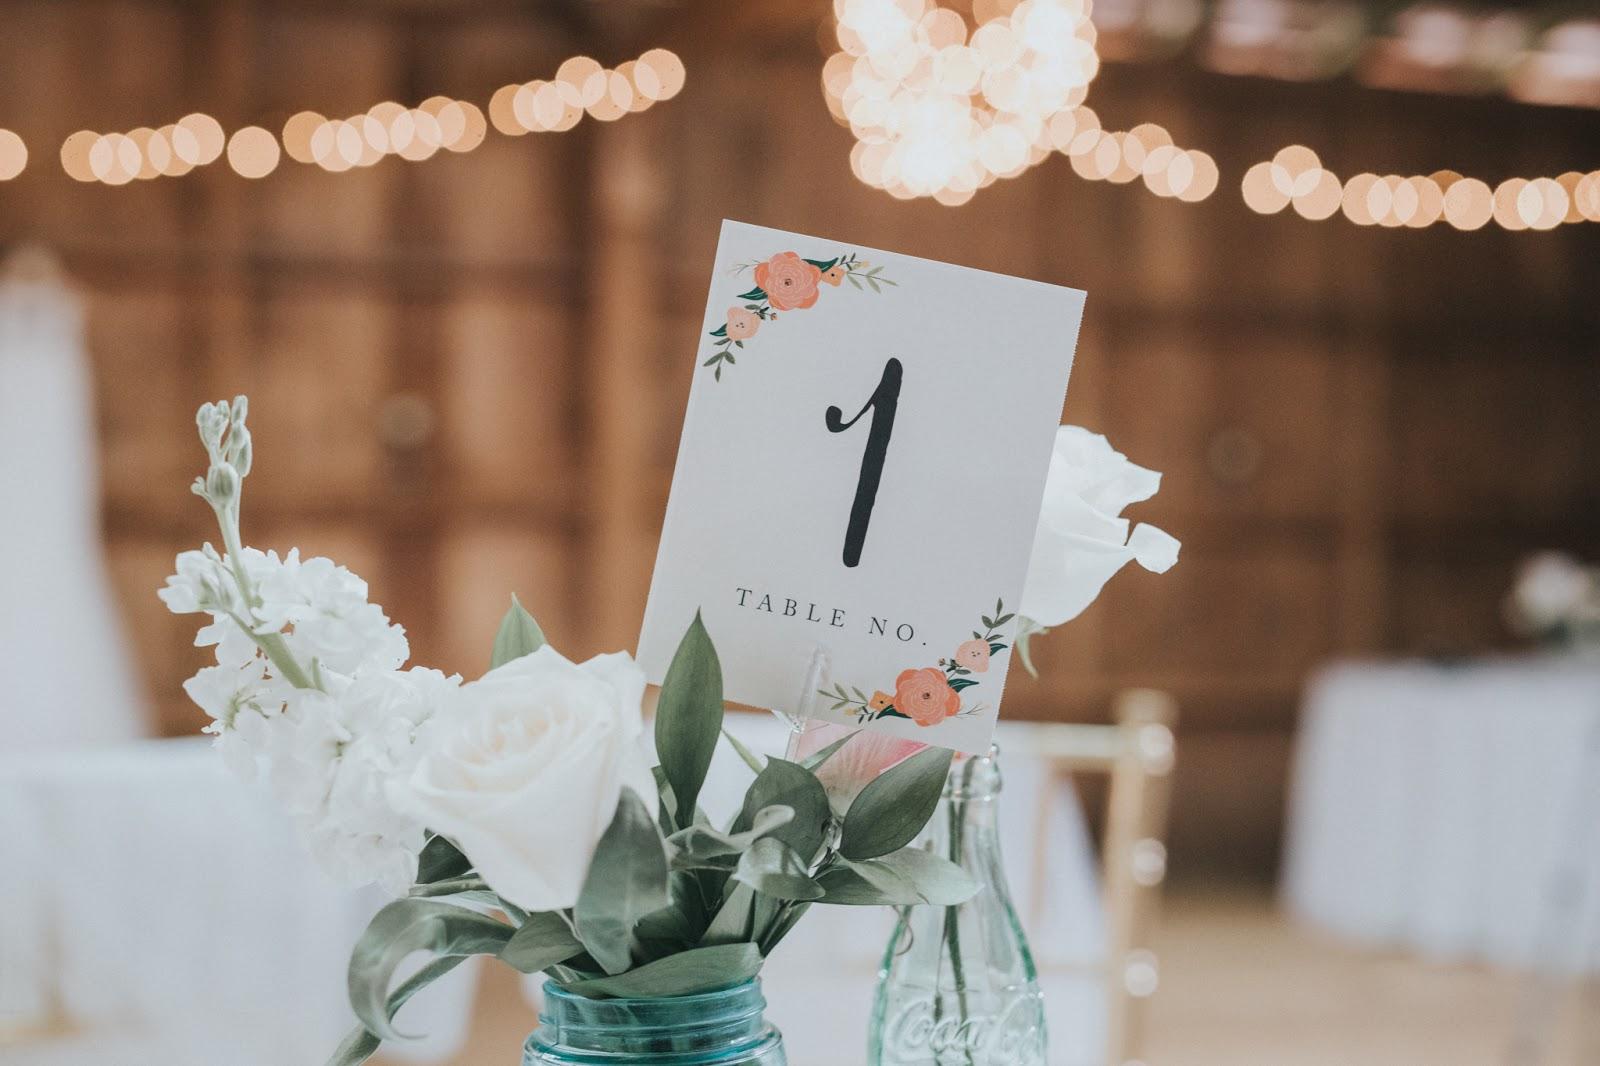 BUDGET FRIENDLY WEDDING DECOR & ITEMS I USED FOR MY DIY WEDDING | A Classy  Fashionista